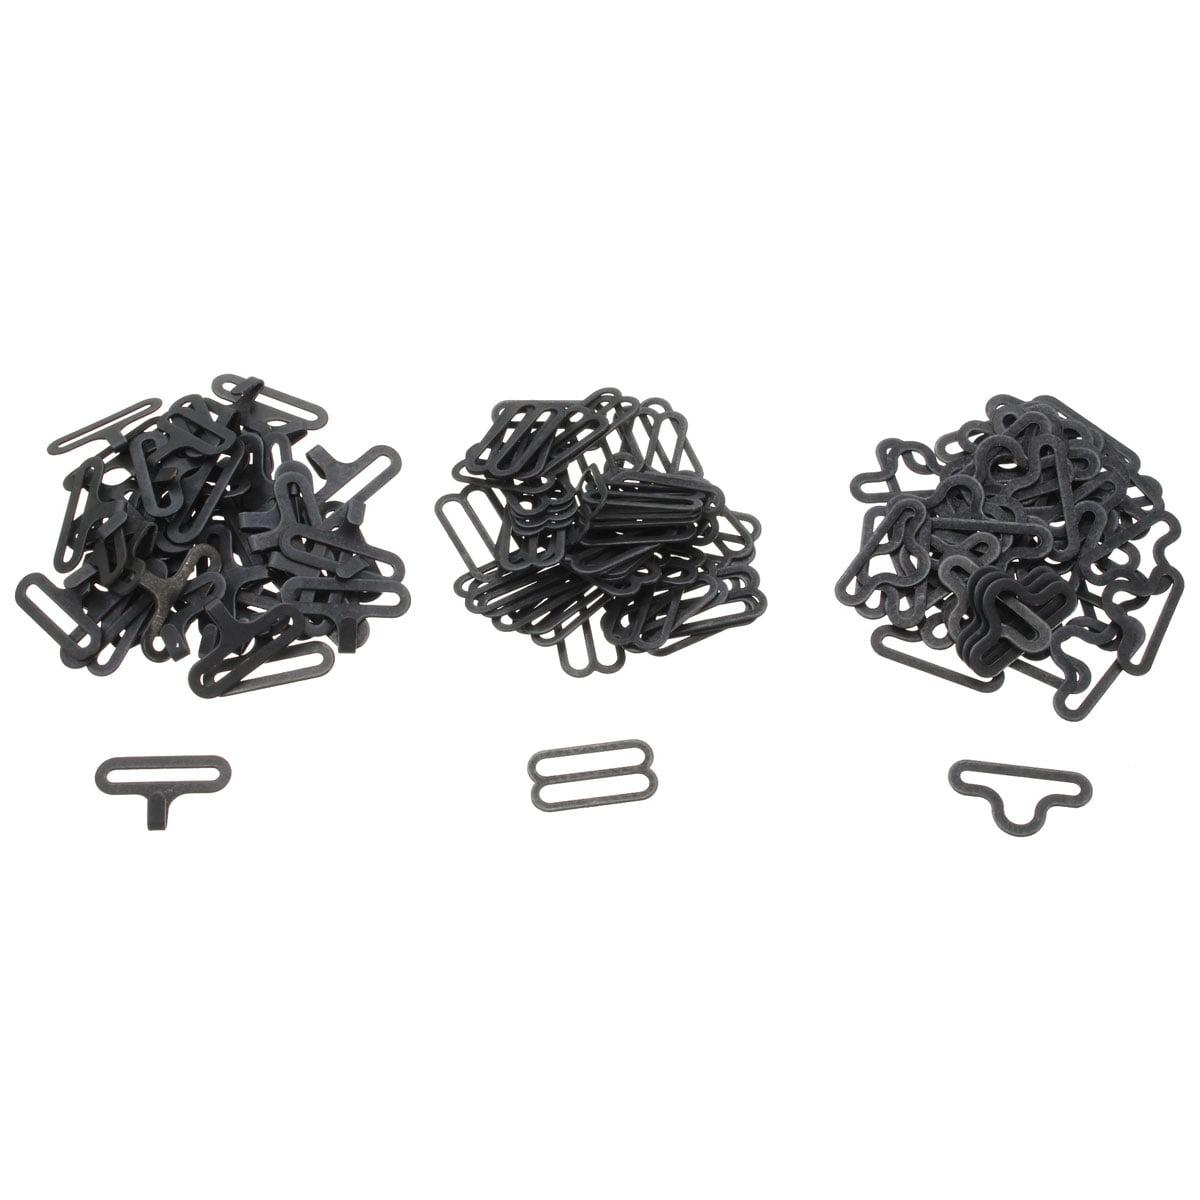 Bow Tie Clip Metall verstellbare Fliege Hardware Krawatte Clip Haken Verschluss for Krawattengurt 50sets schwarz Bow Tie Clips